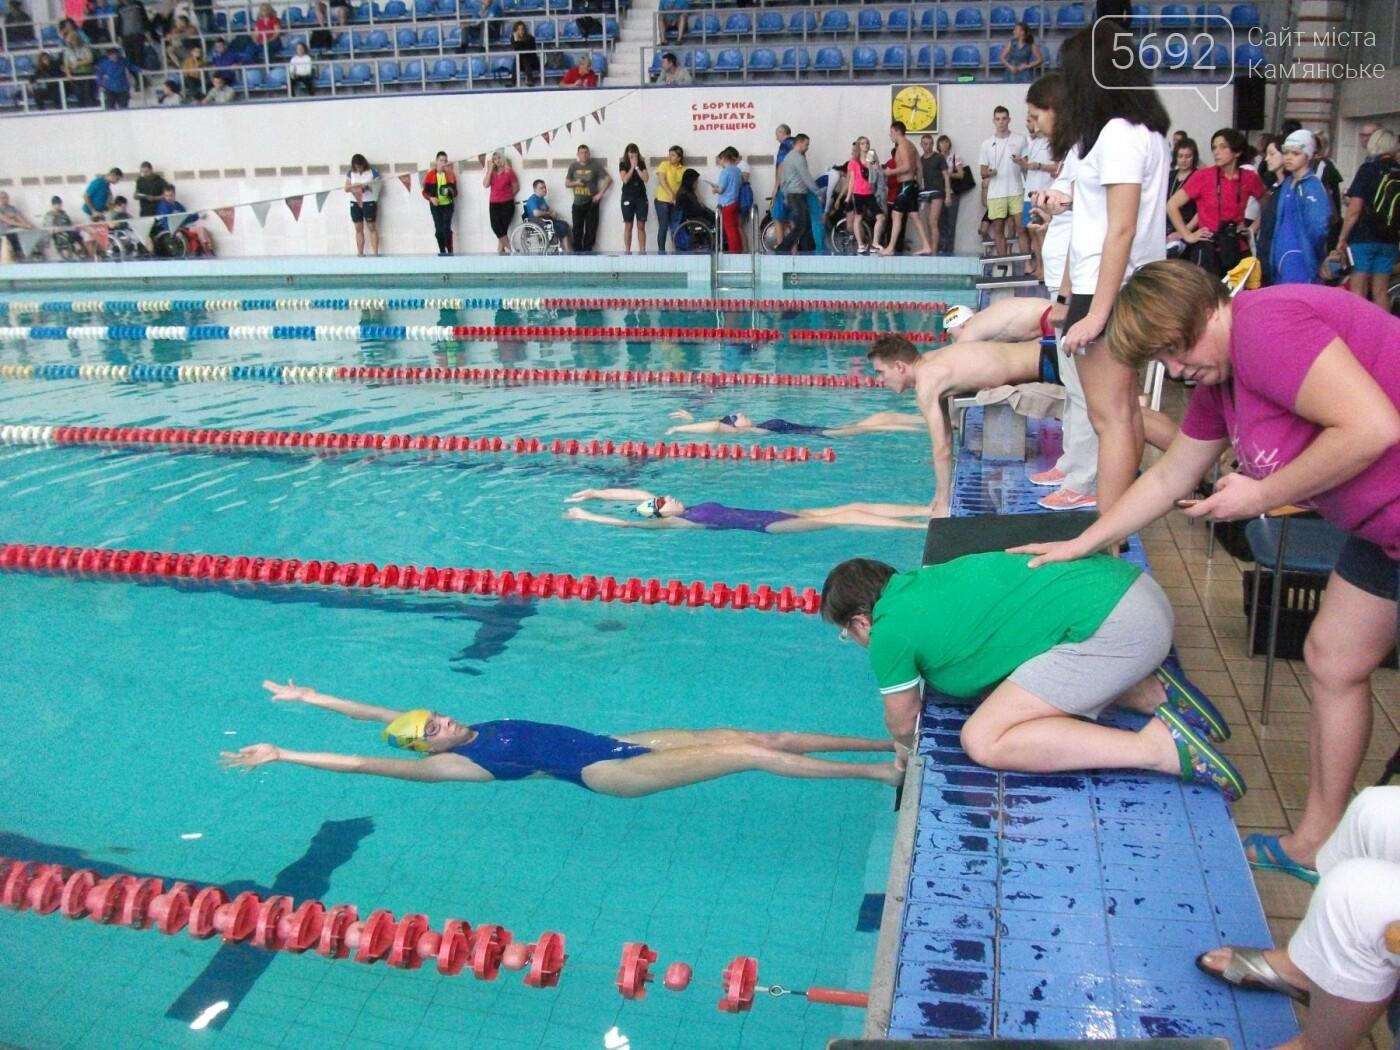 В Каменском соревновались пловцы с ограниченными возможностями, фото-1